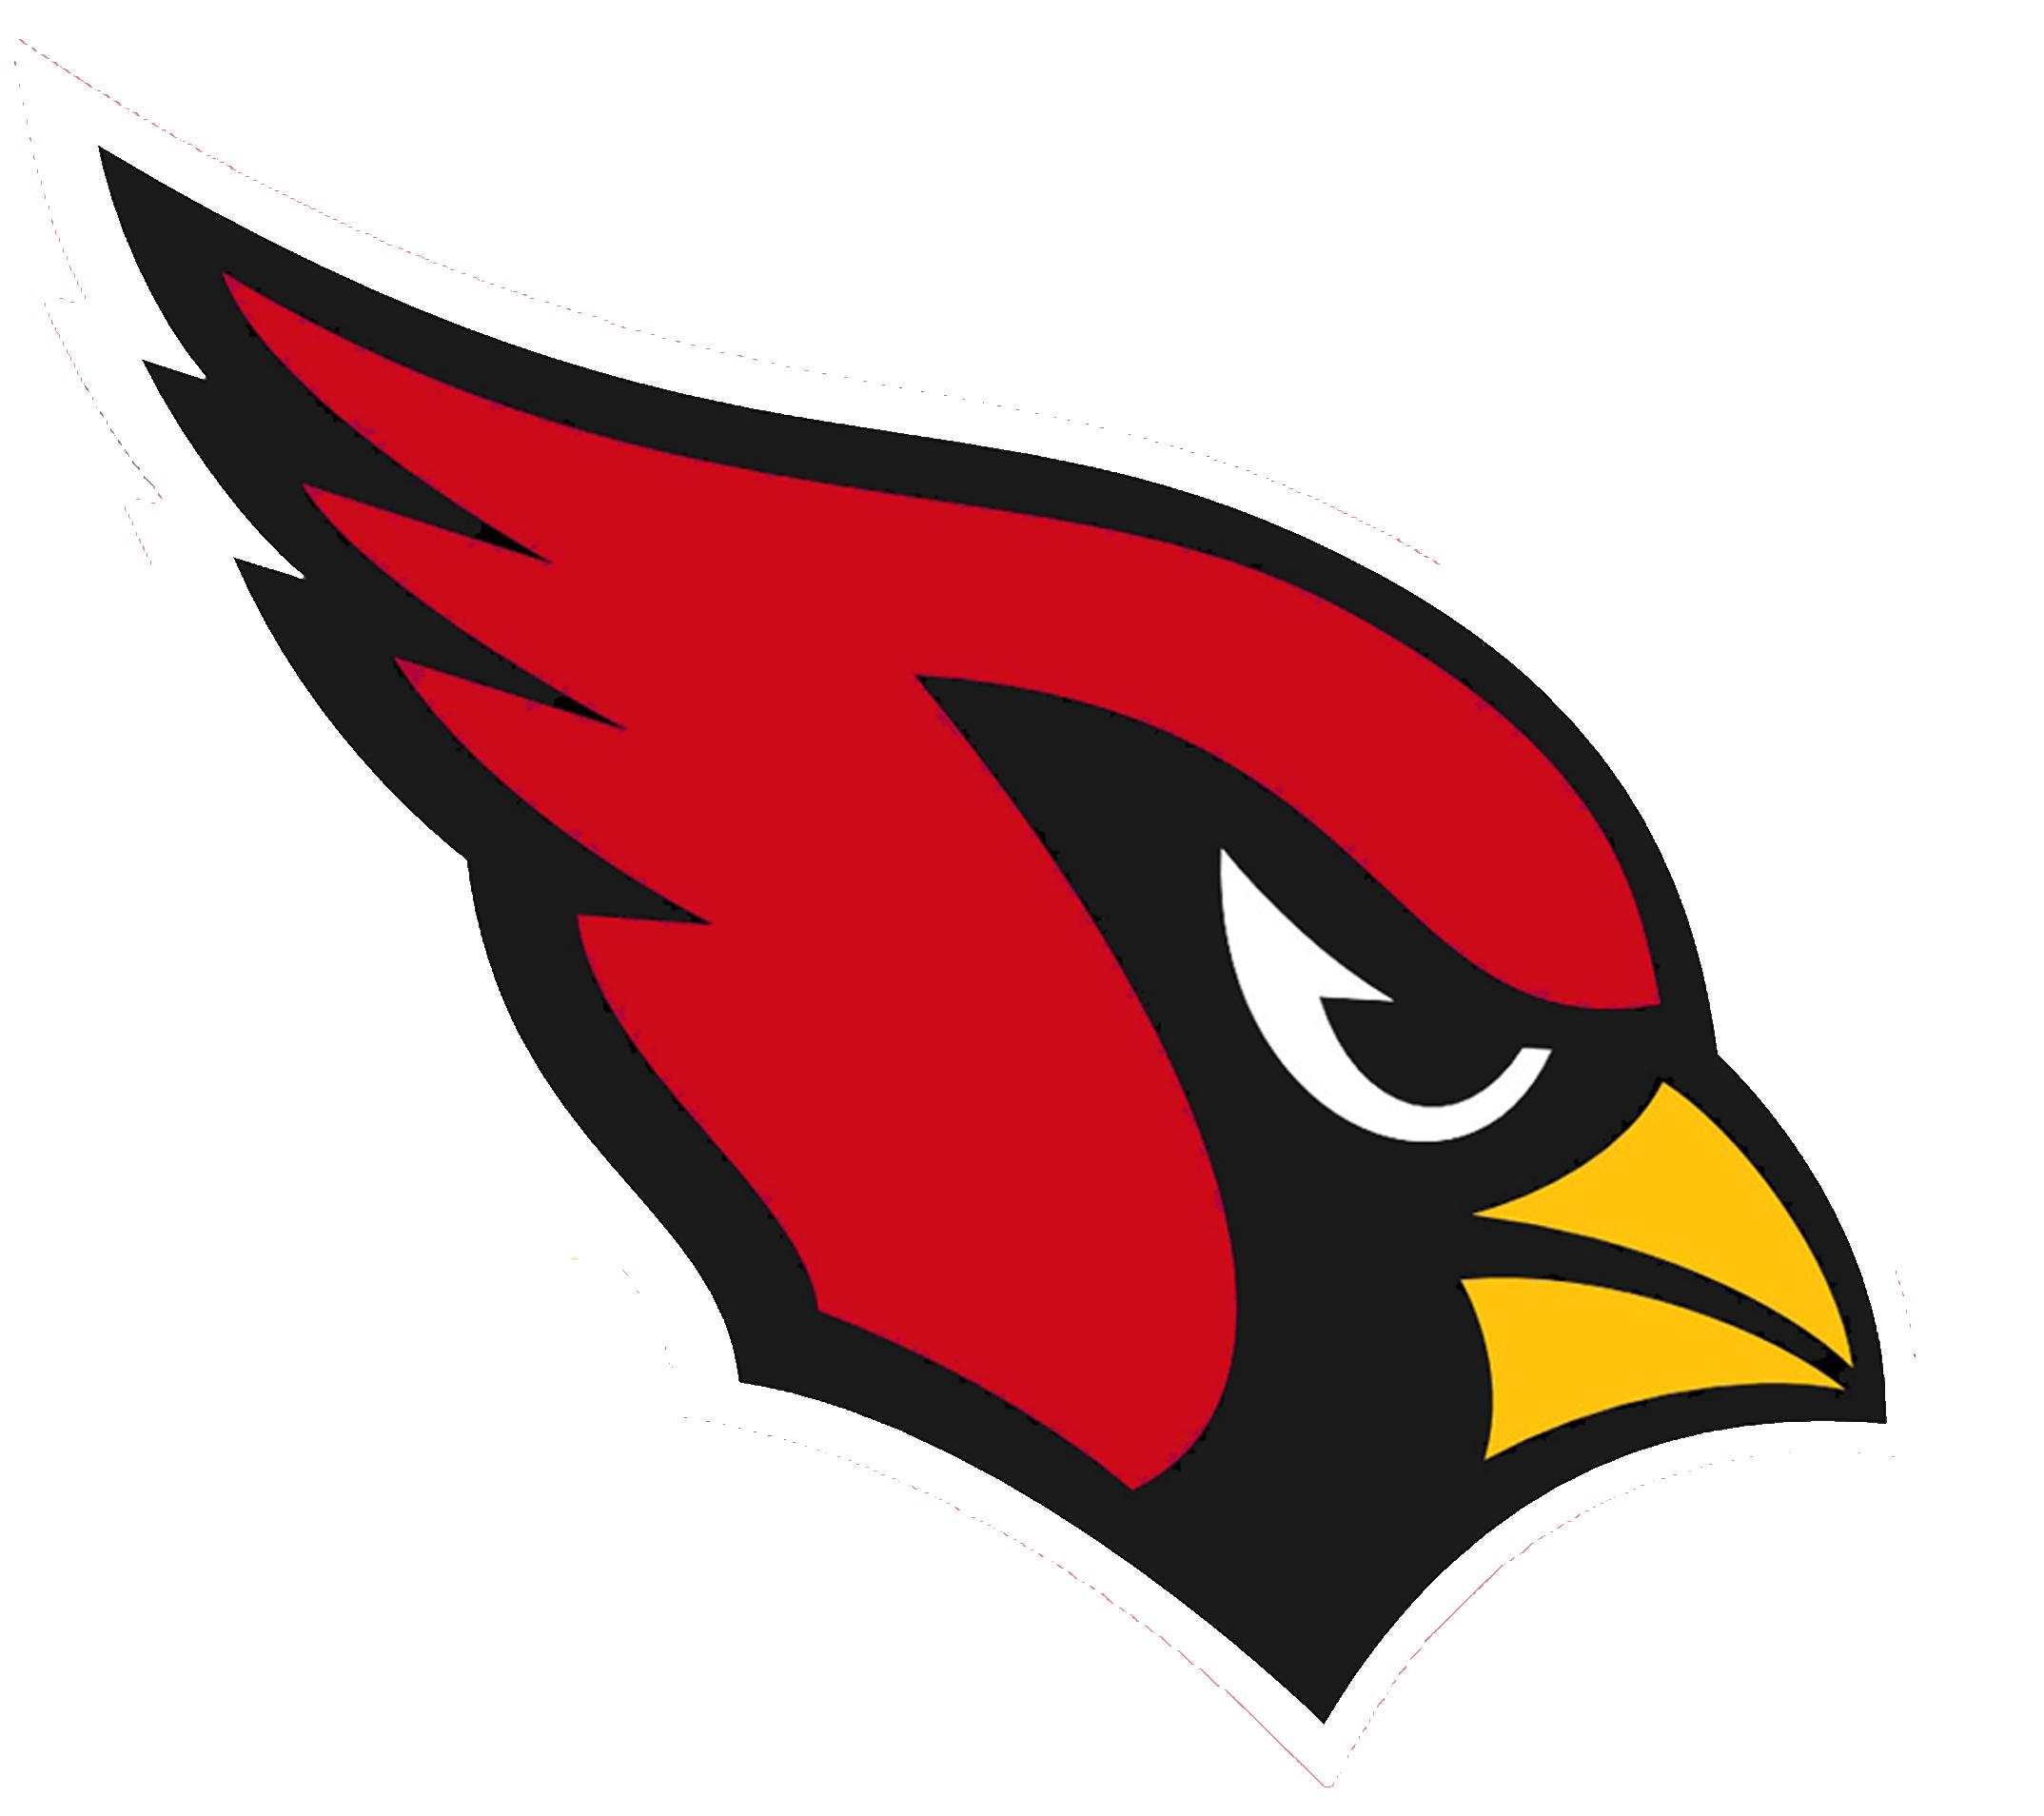 Associations hrayfc norview cardinals. Wildcat clipart falcon